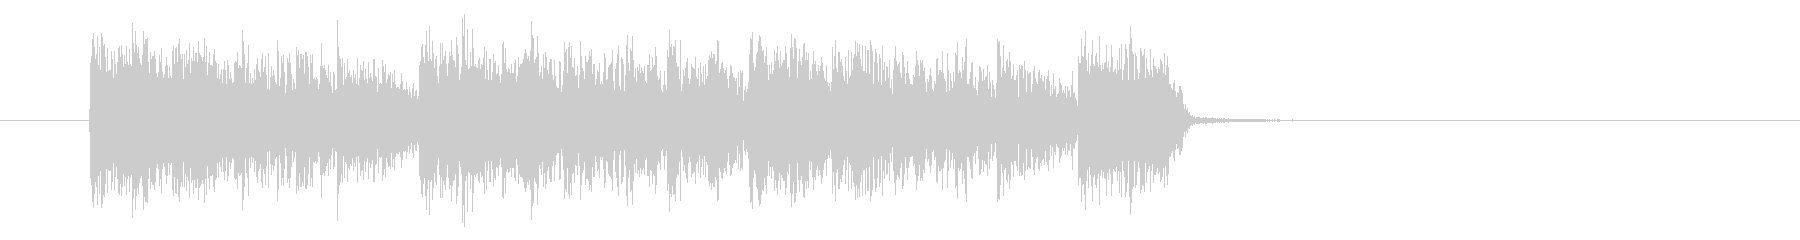 ドキドキ感と勢いあるギターサウンドの未再生の波形